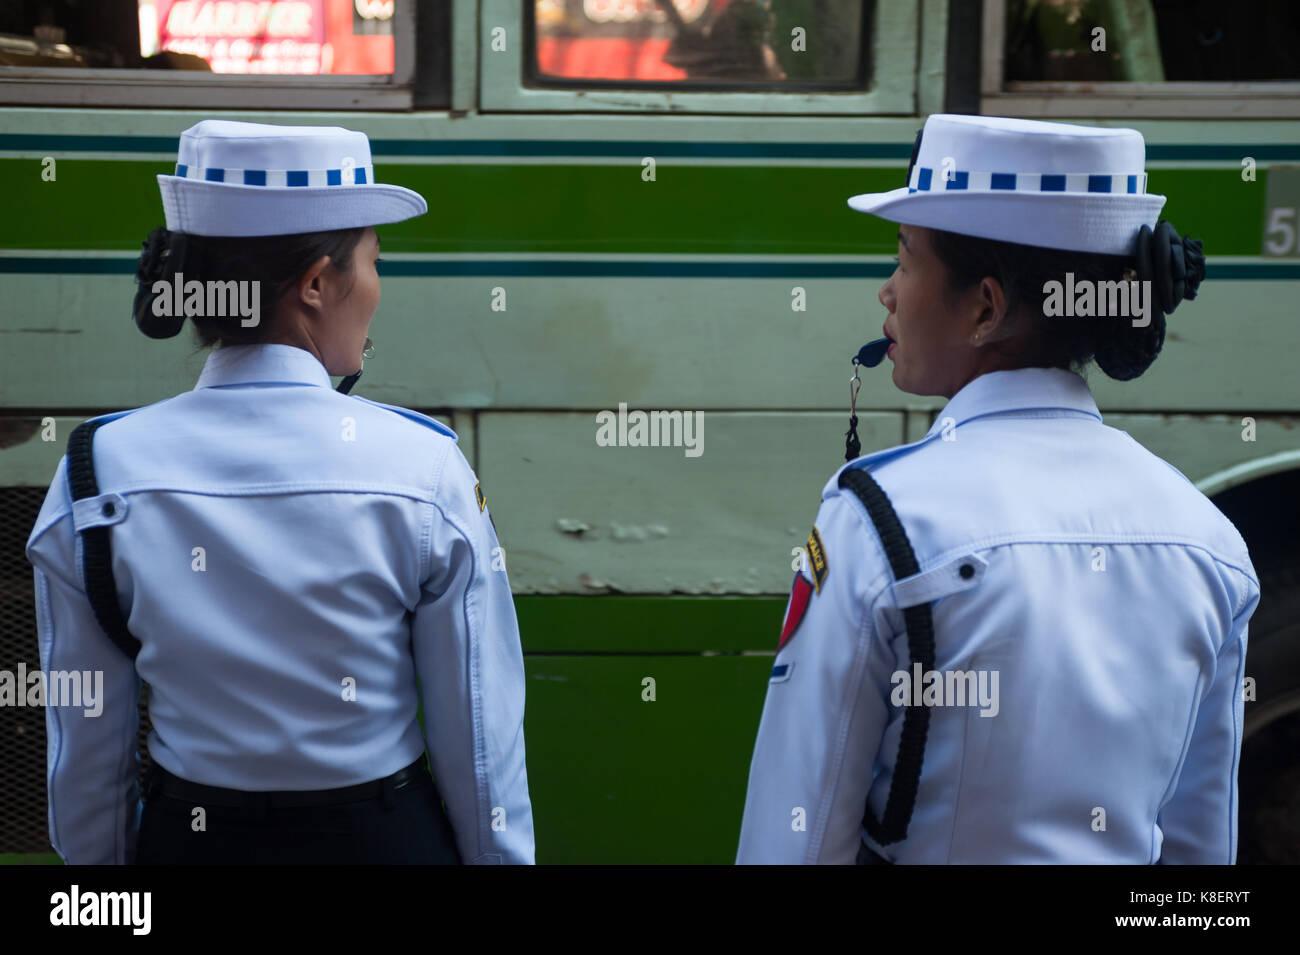 26.01.2017, Yangon, Yangon, région de la république de l'Union du Myanmar, en Asie - deux femmes agents de police de la circulation sont au bord d'une route dans la région de Yangon. Banque D'Images